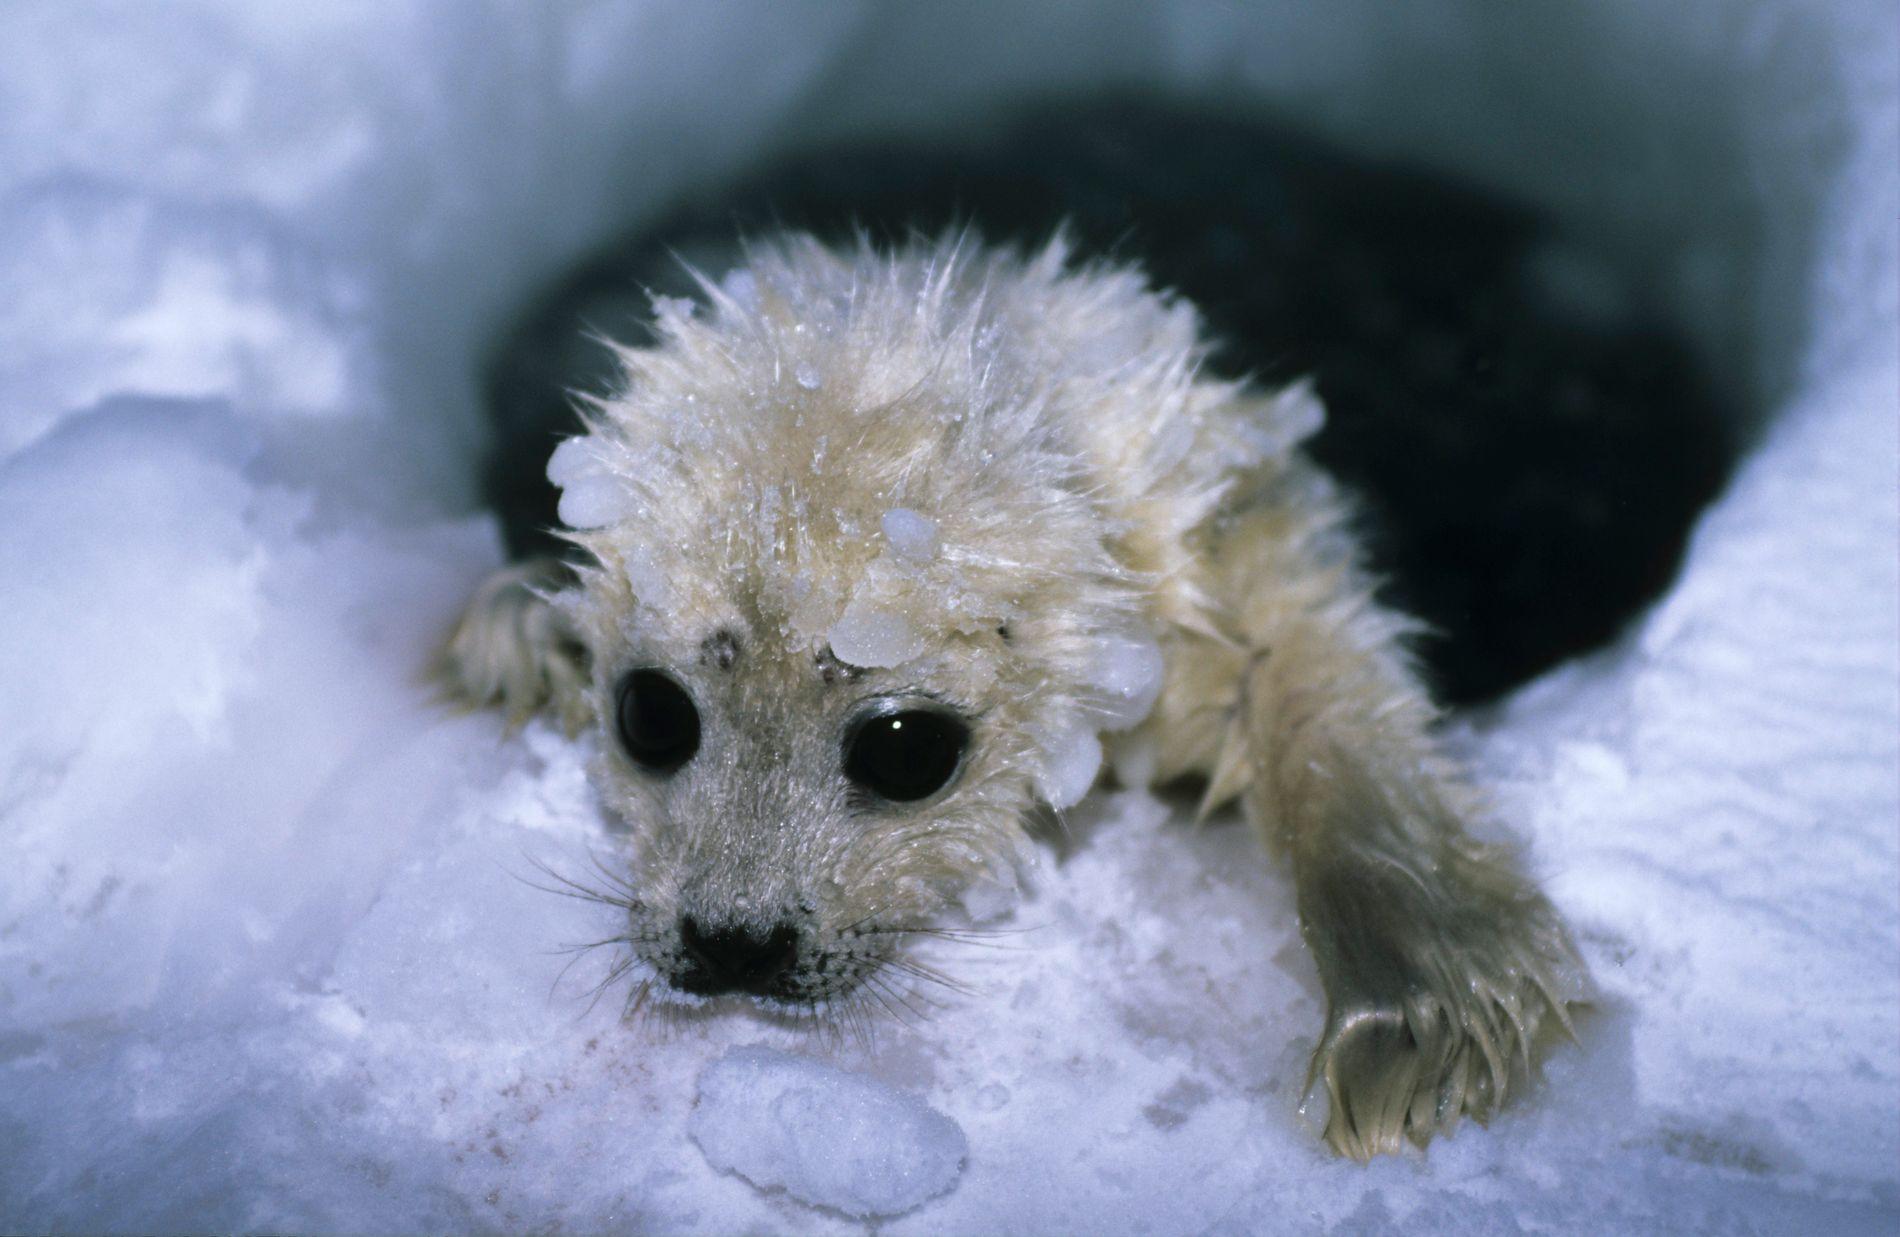 FINSTEMT SAMSPEL: Vert det mindre is rundt Svalbard, vert det vanskelegare for ringsel å formeire seg. Ringsel er isbjørnens viktigaste føde, og det vert mindre mat til isbjørnen, skriv Bård Vegar Solhjell.